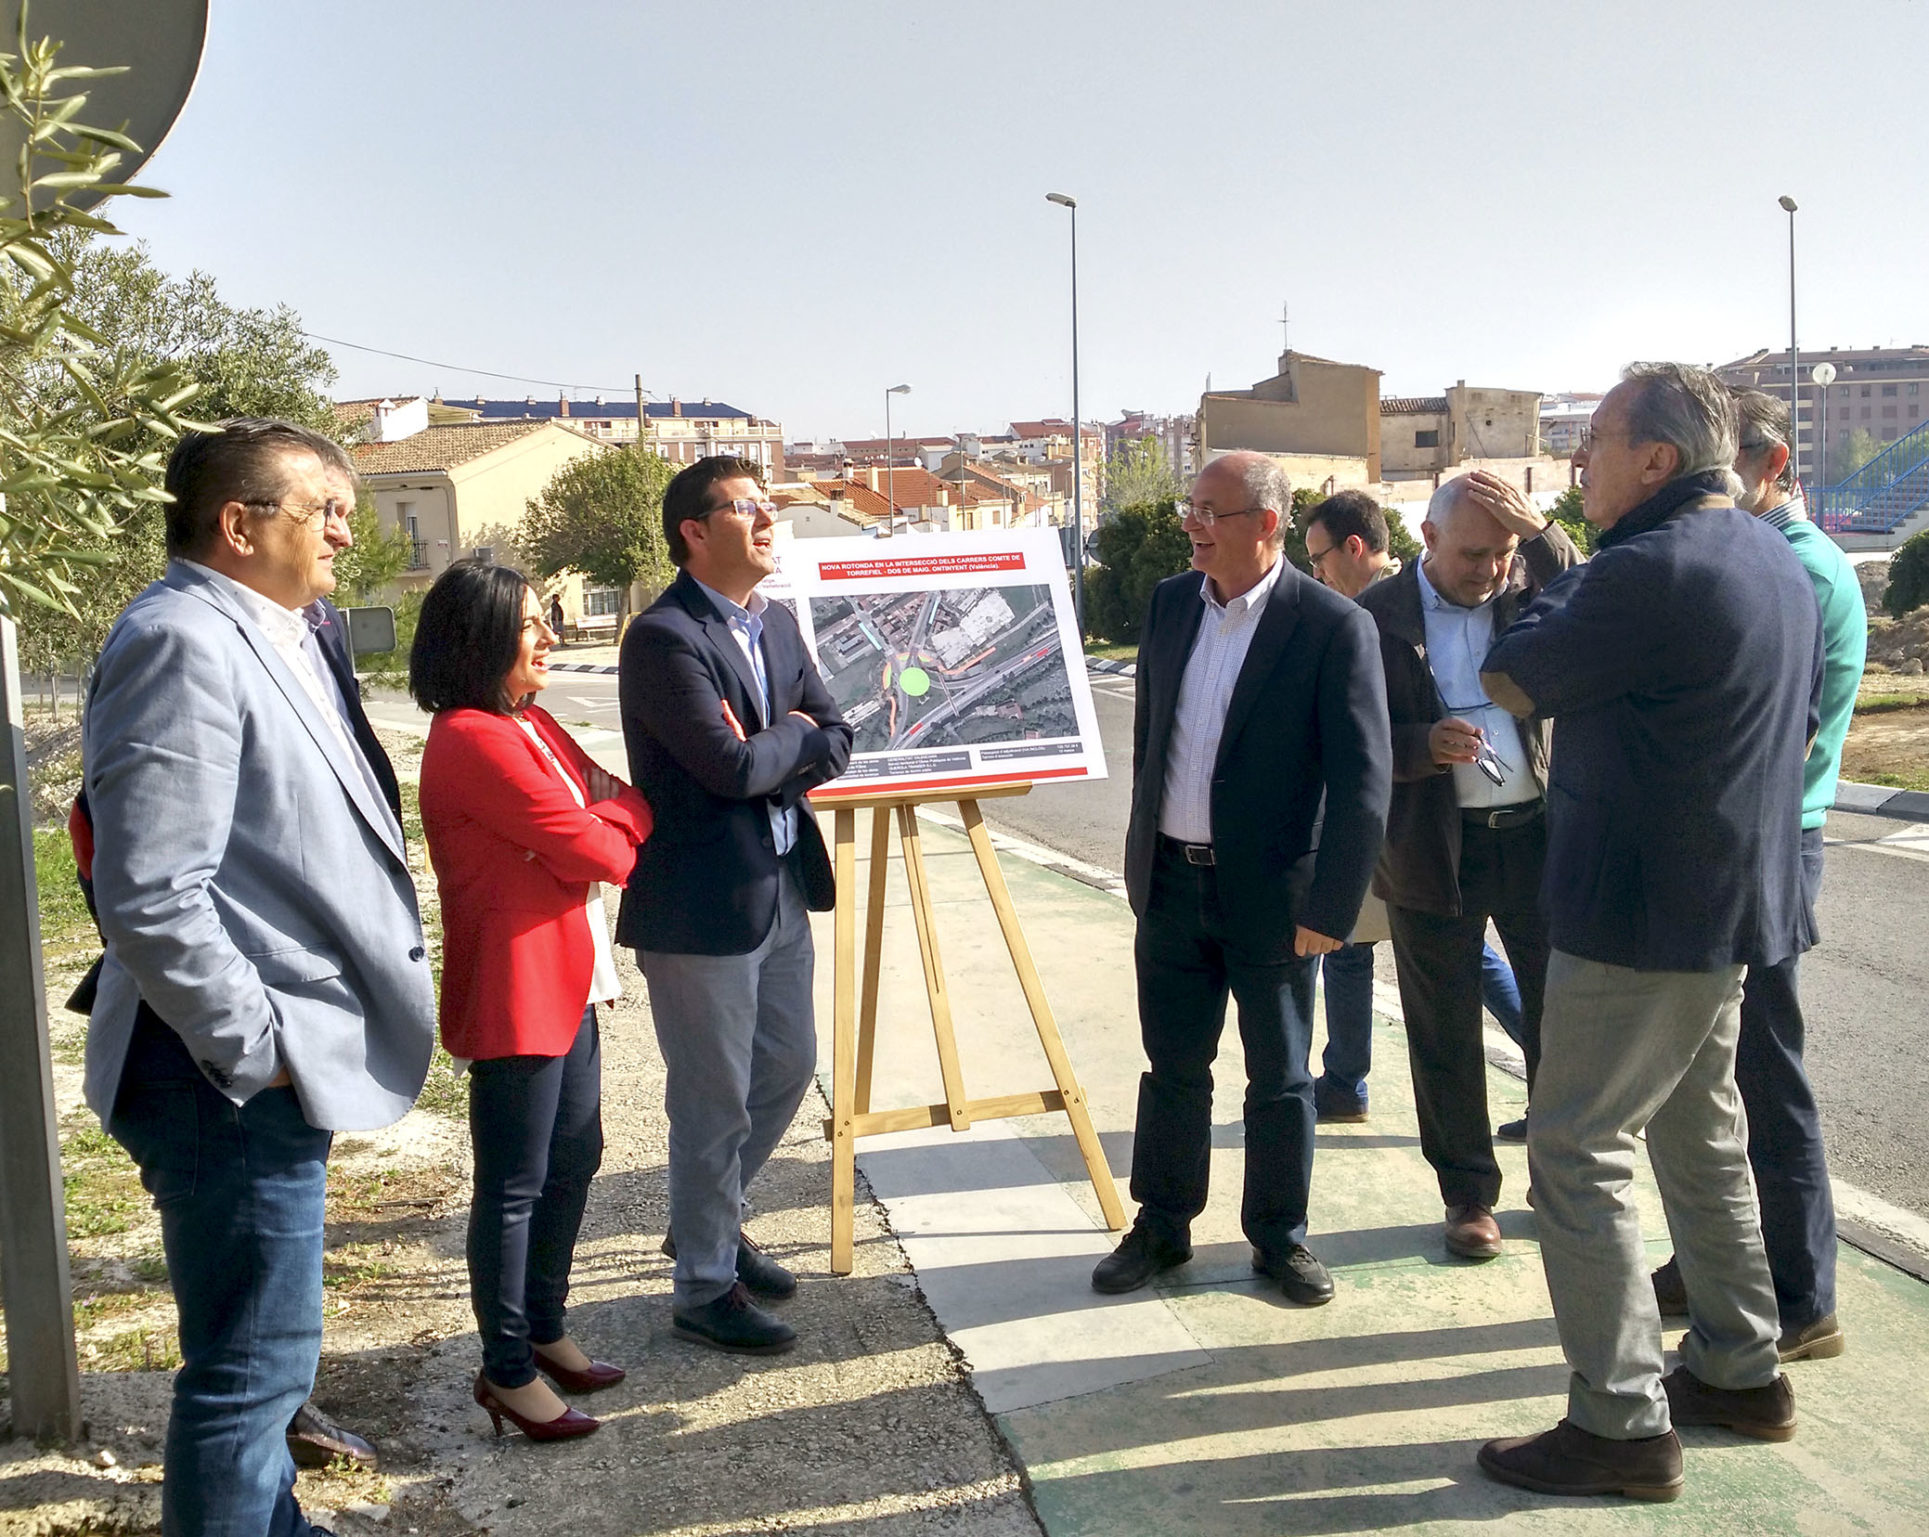 El dilluns arranquen les obres de la rodona de Torrefiel El Periòdic d'Ontinyent